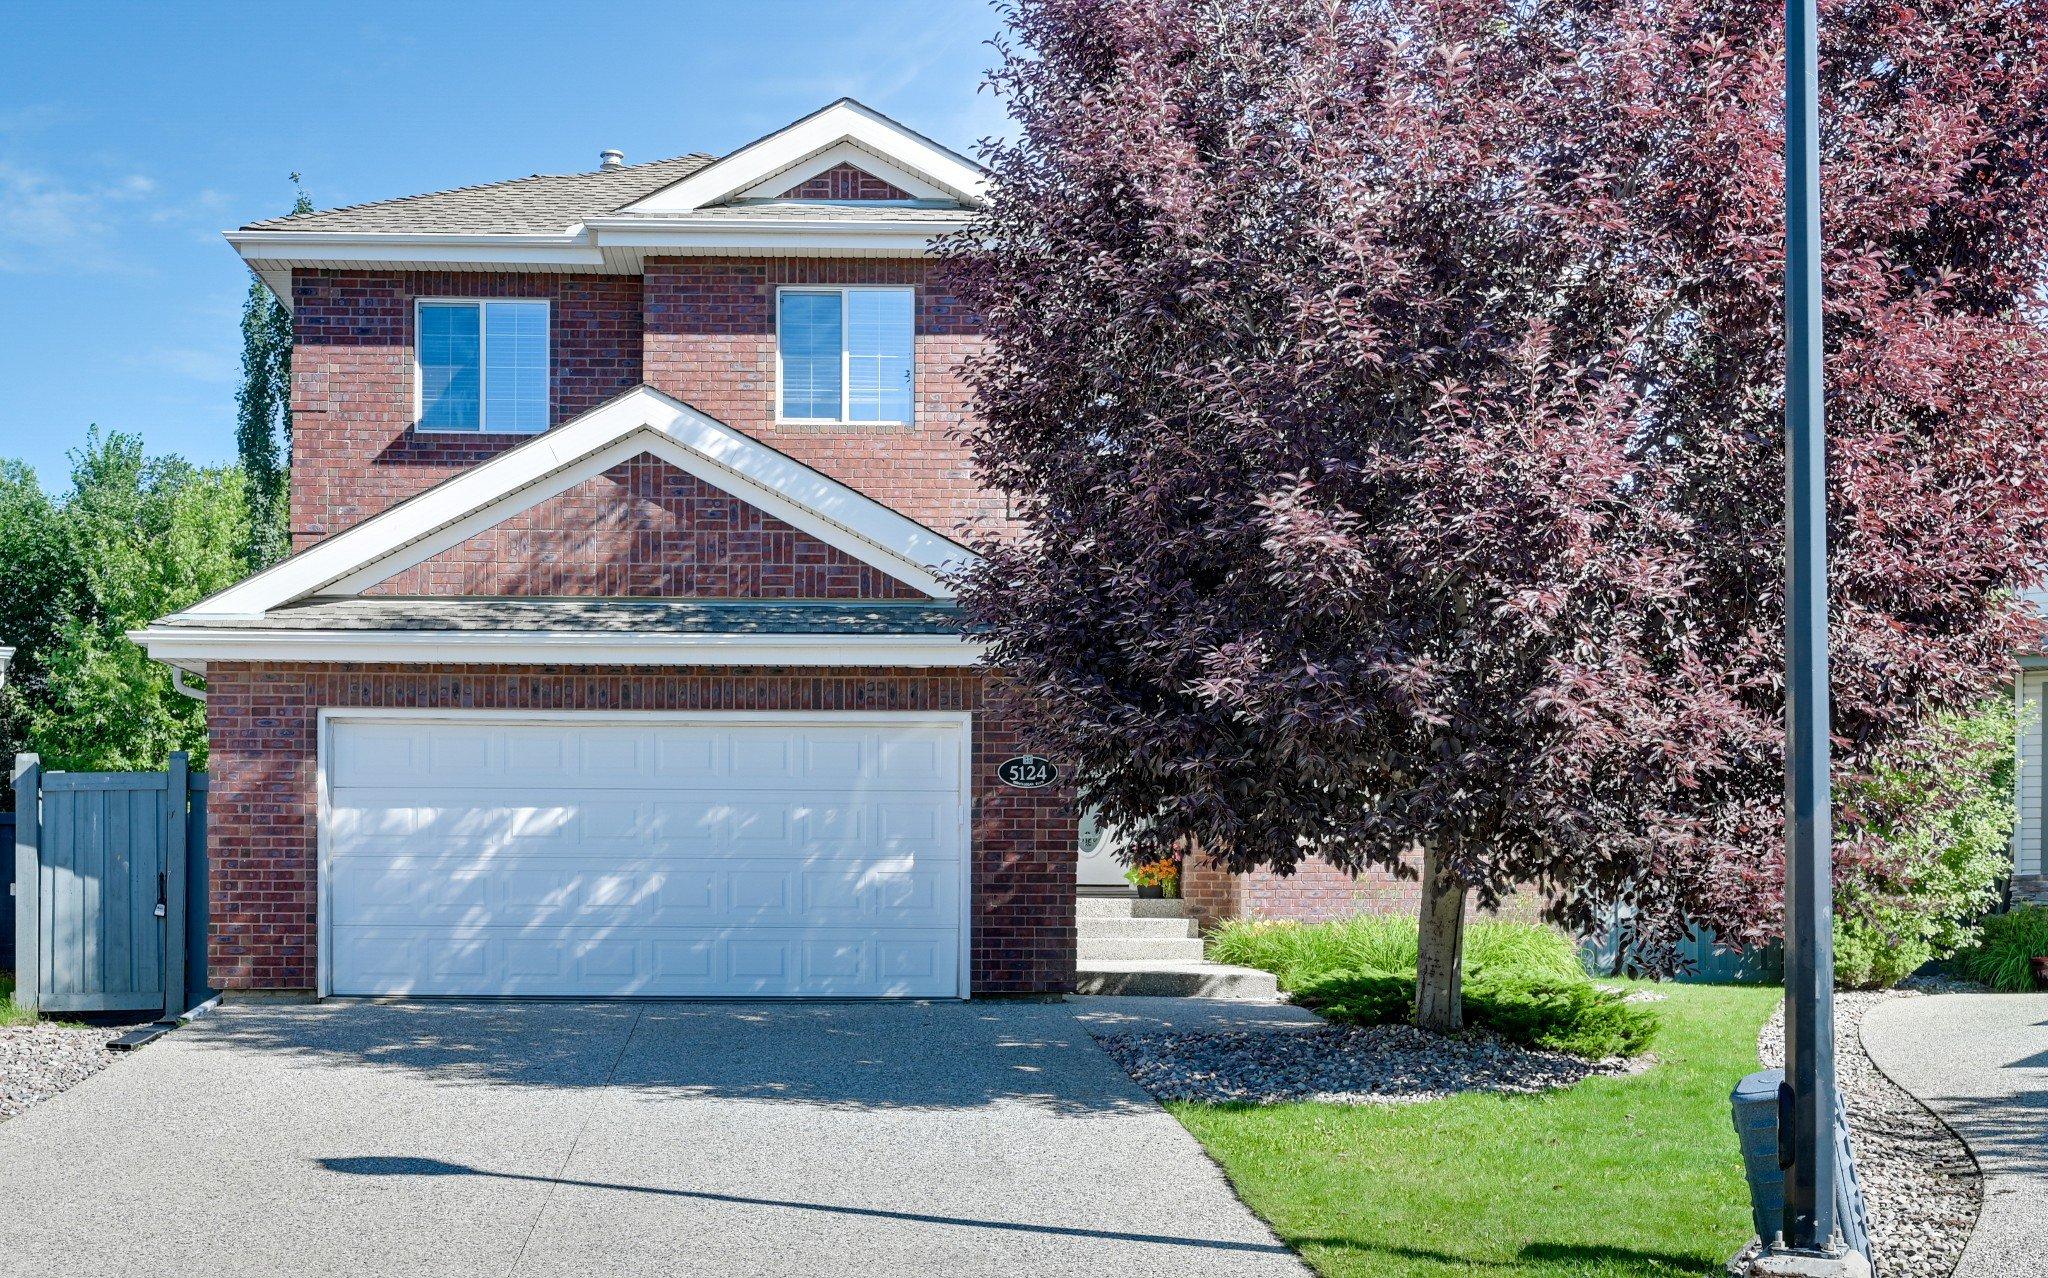 Main Photo: 5124 TERWILLEGAR Boulevard in Edmonton: House for sale